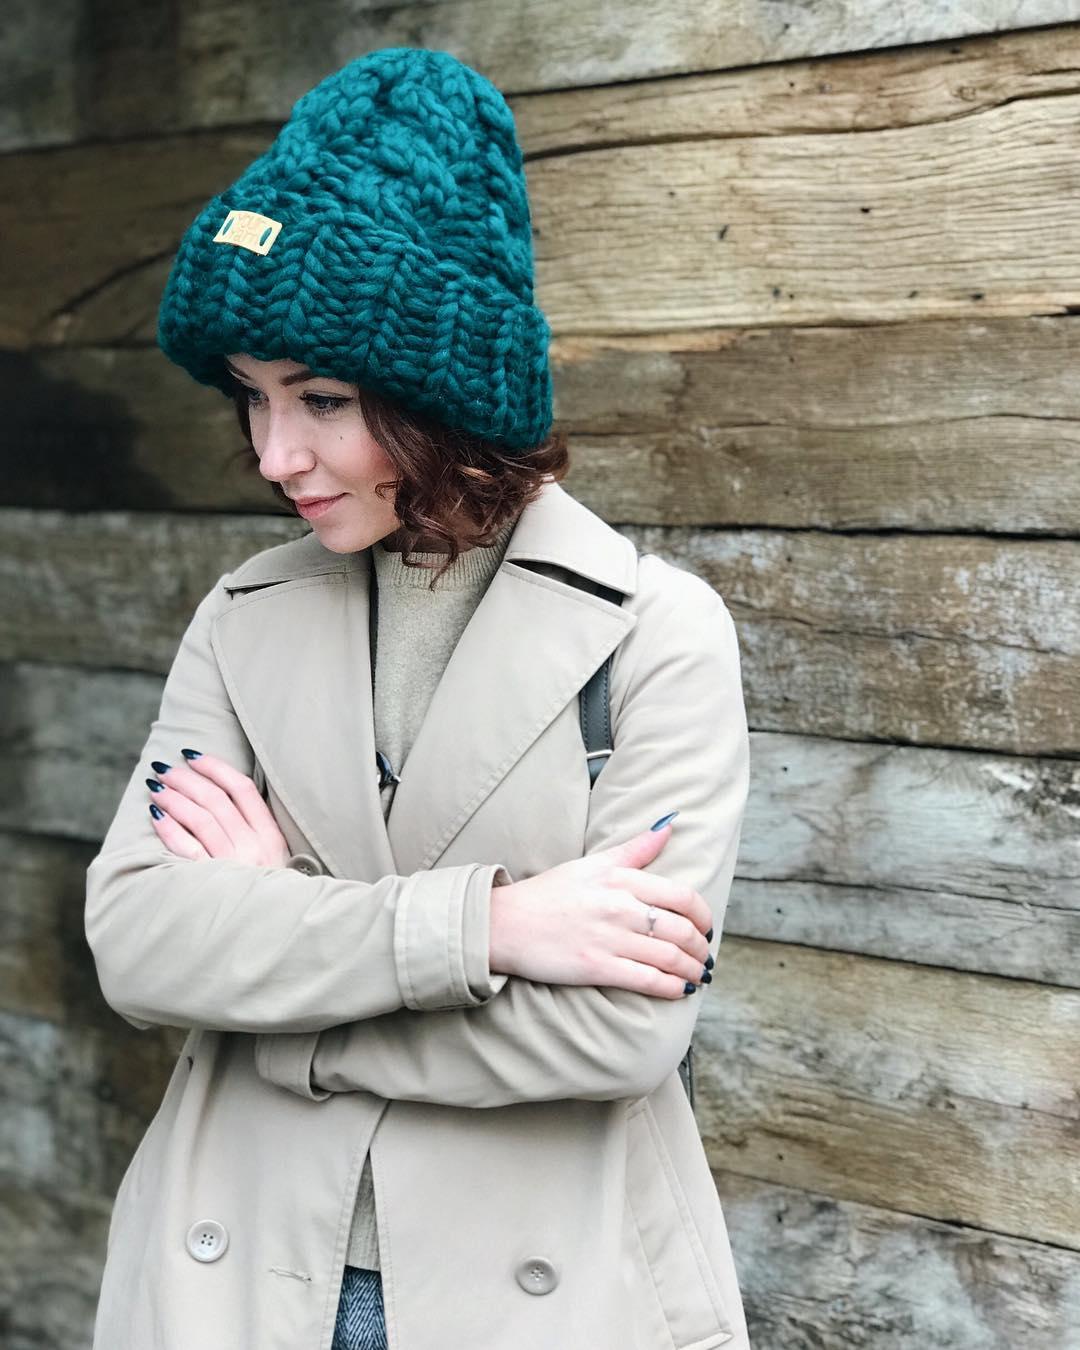 Какие вязаные шапки модные в 2017-2018 сезоне давайте посмотрим в нашем  обзоре. Oversize. YourYarn c7dd542c4d64c